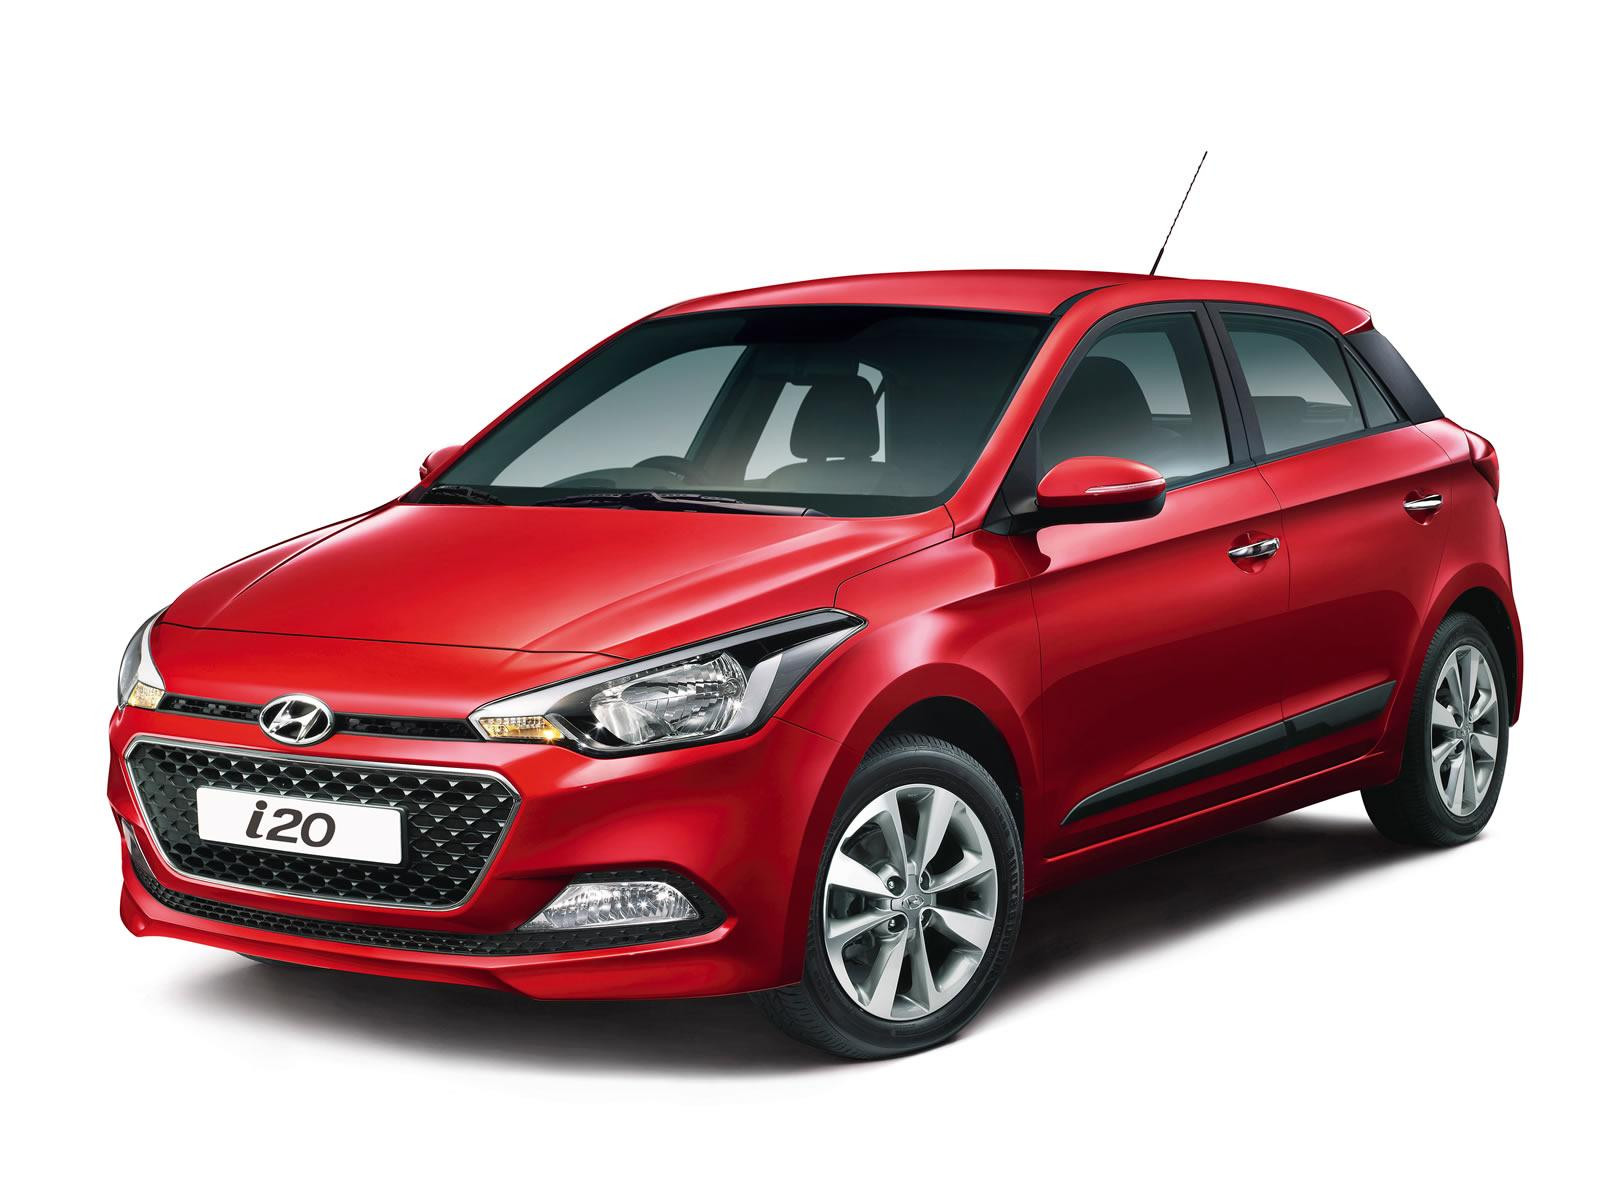 Hyundai-i20-2015-3